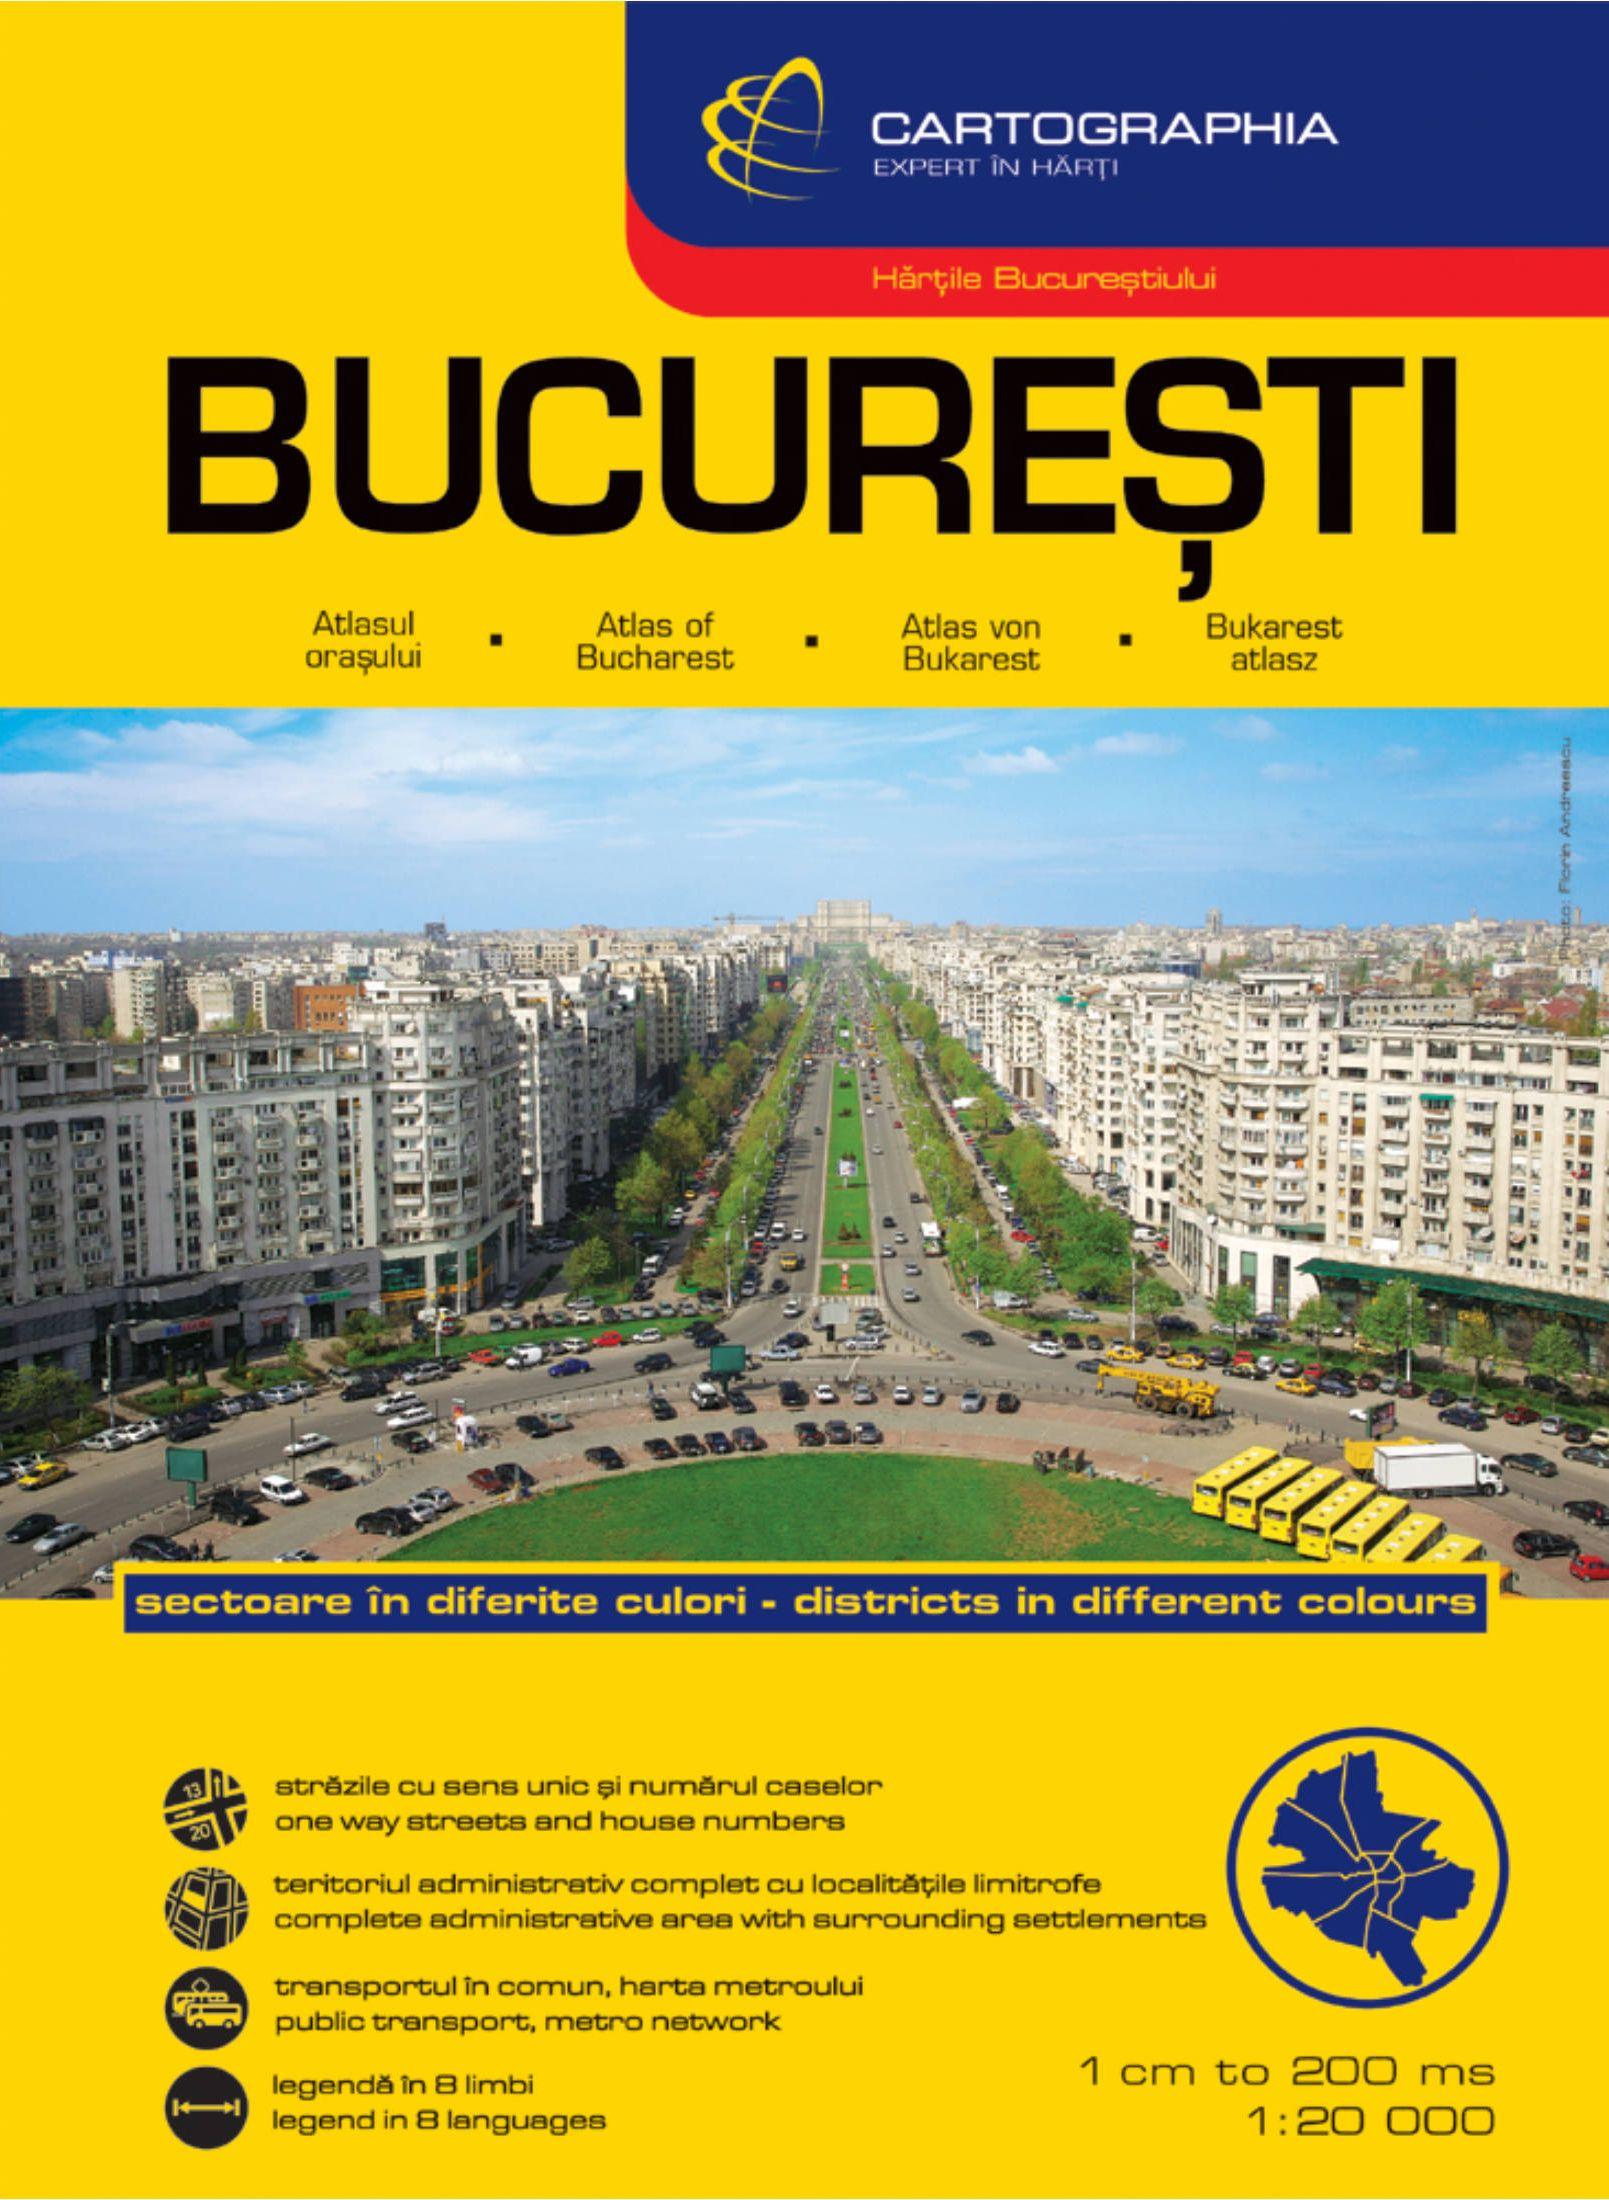 Bukarest városaatlasz 1:20.000 komplett utcajegyzékkel, nevezetességekkel és többnyelvű jelmagyarázattal